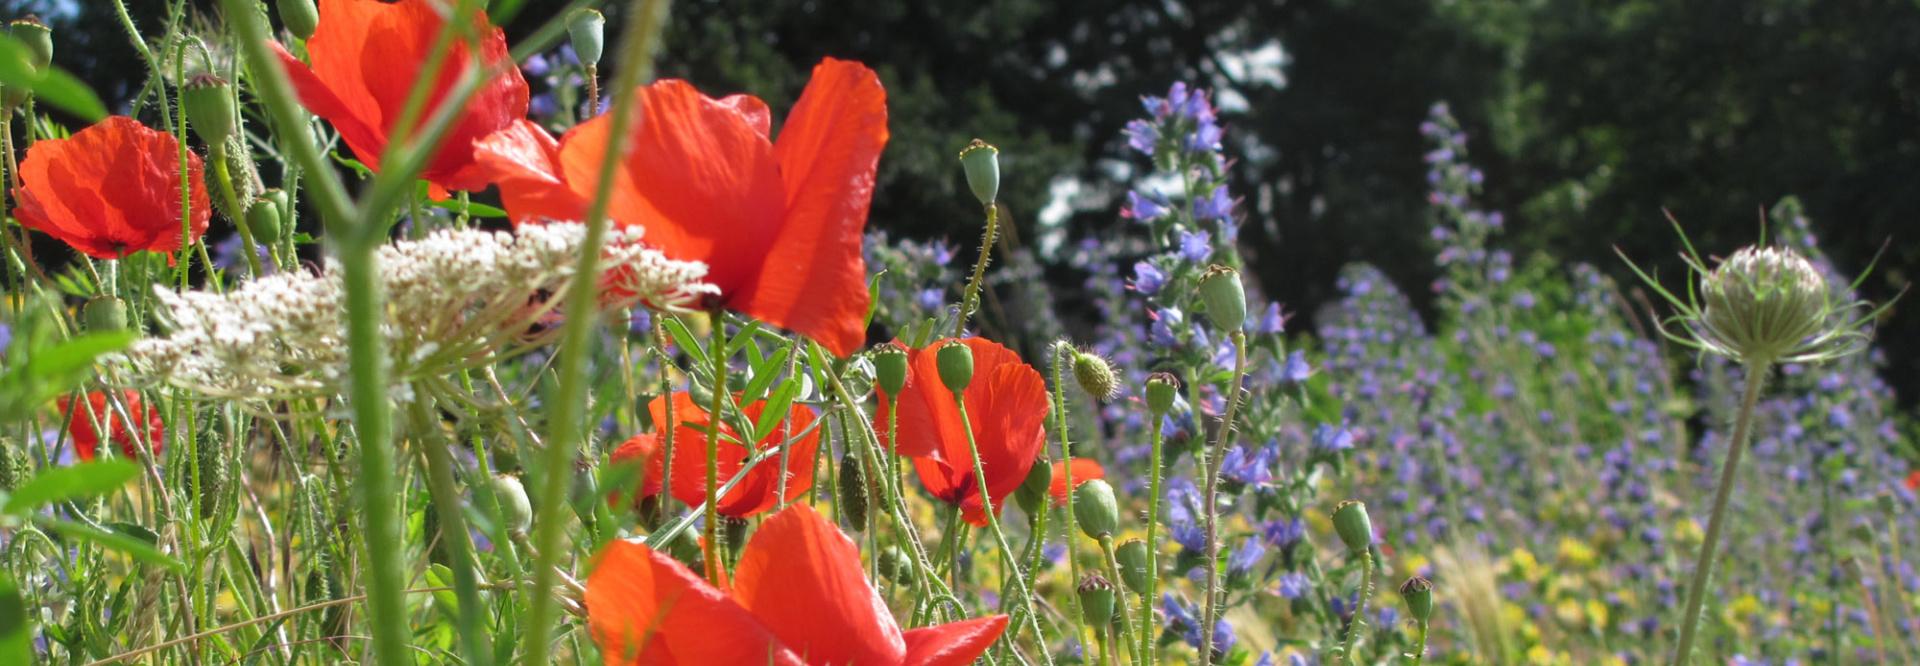 Bloemen plukken_ronduit.jpg